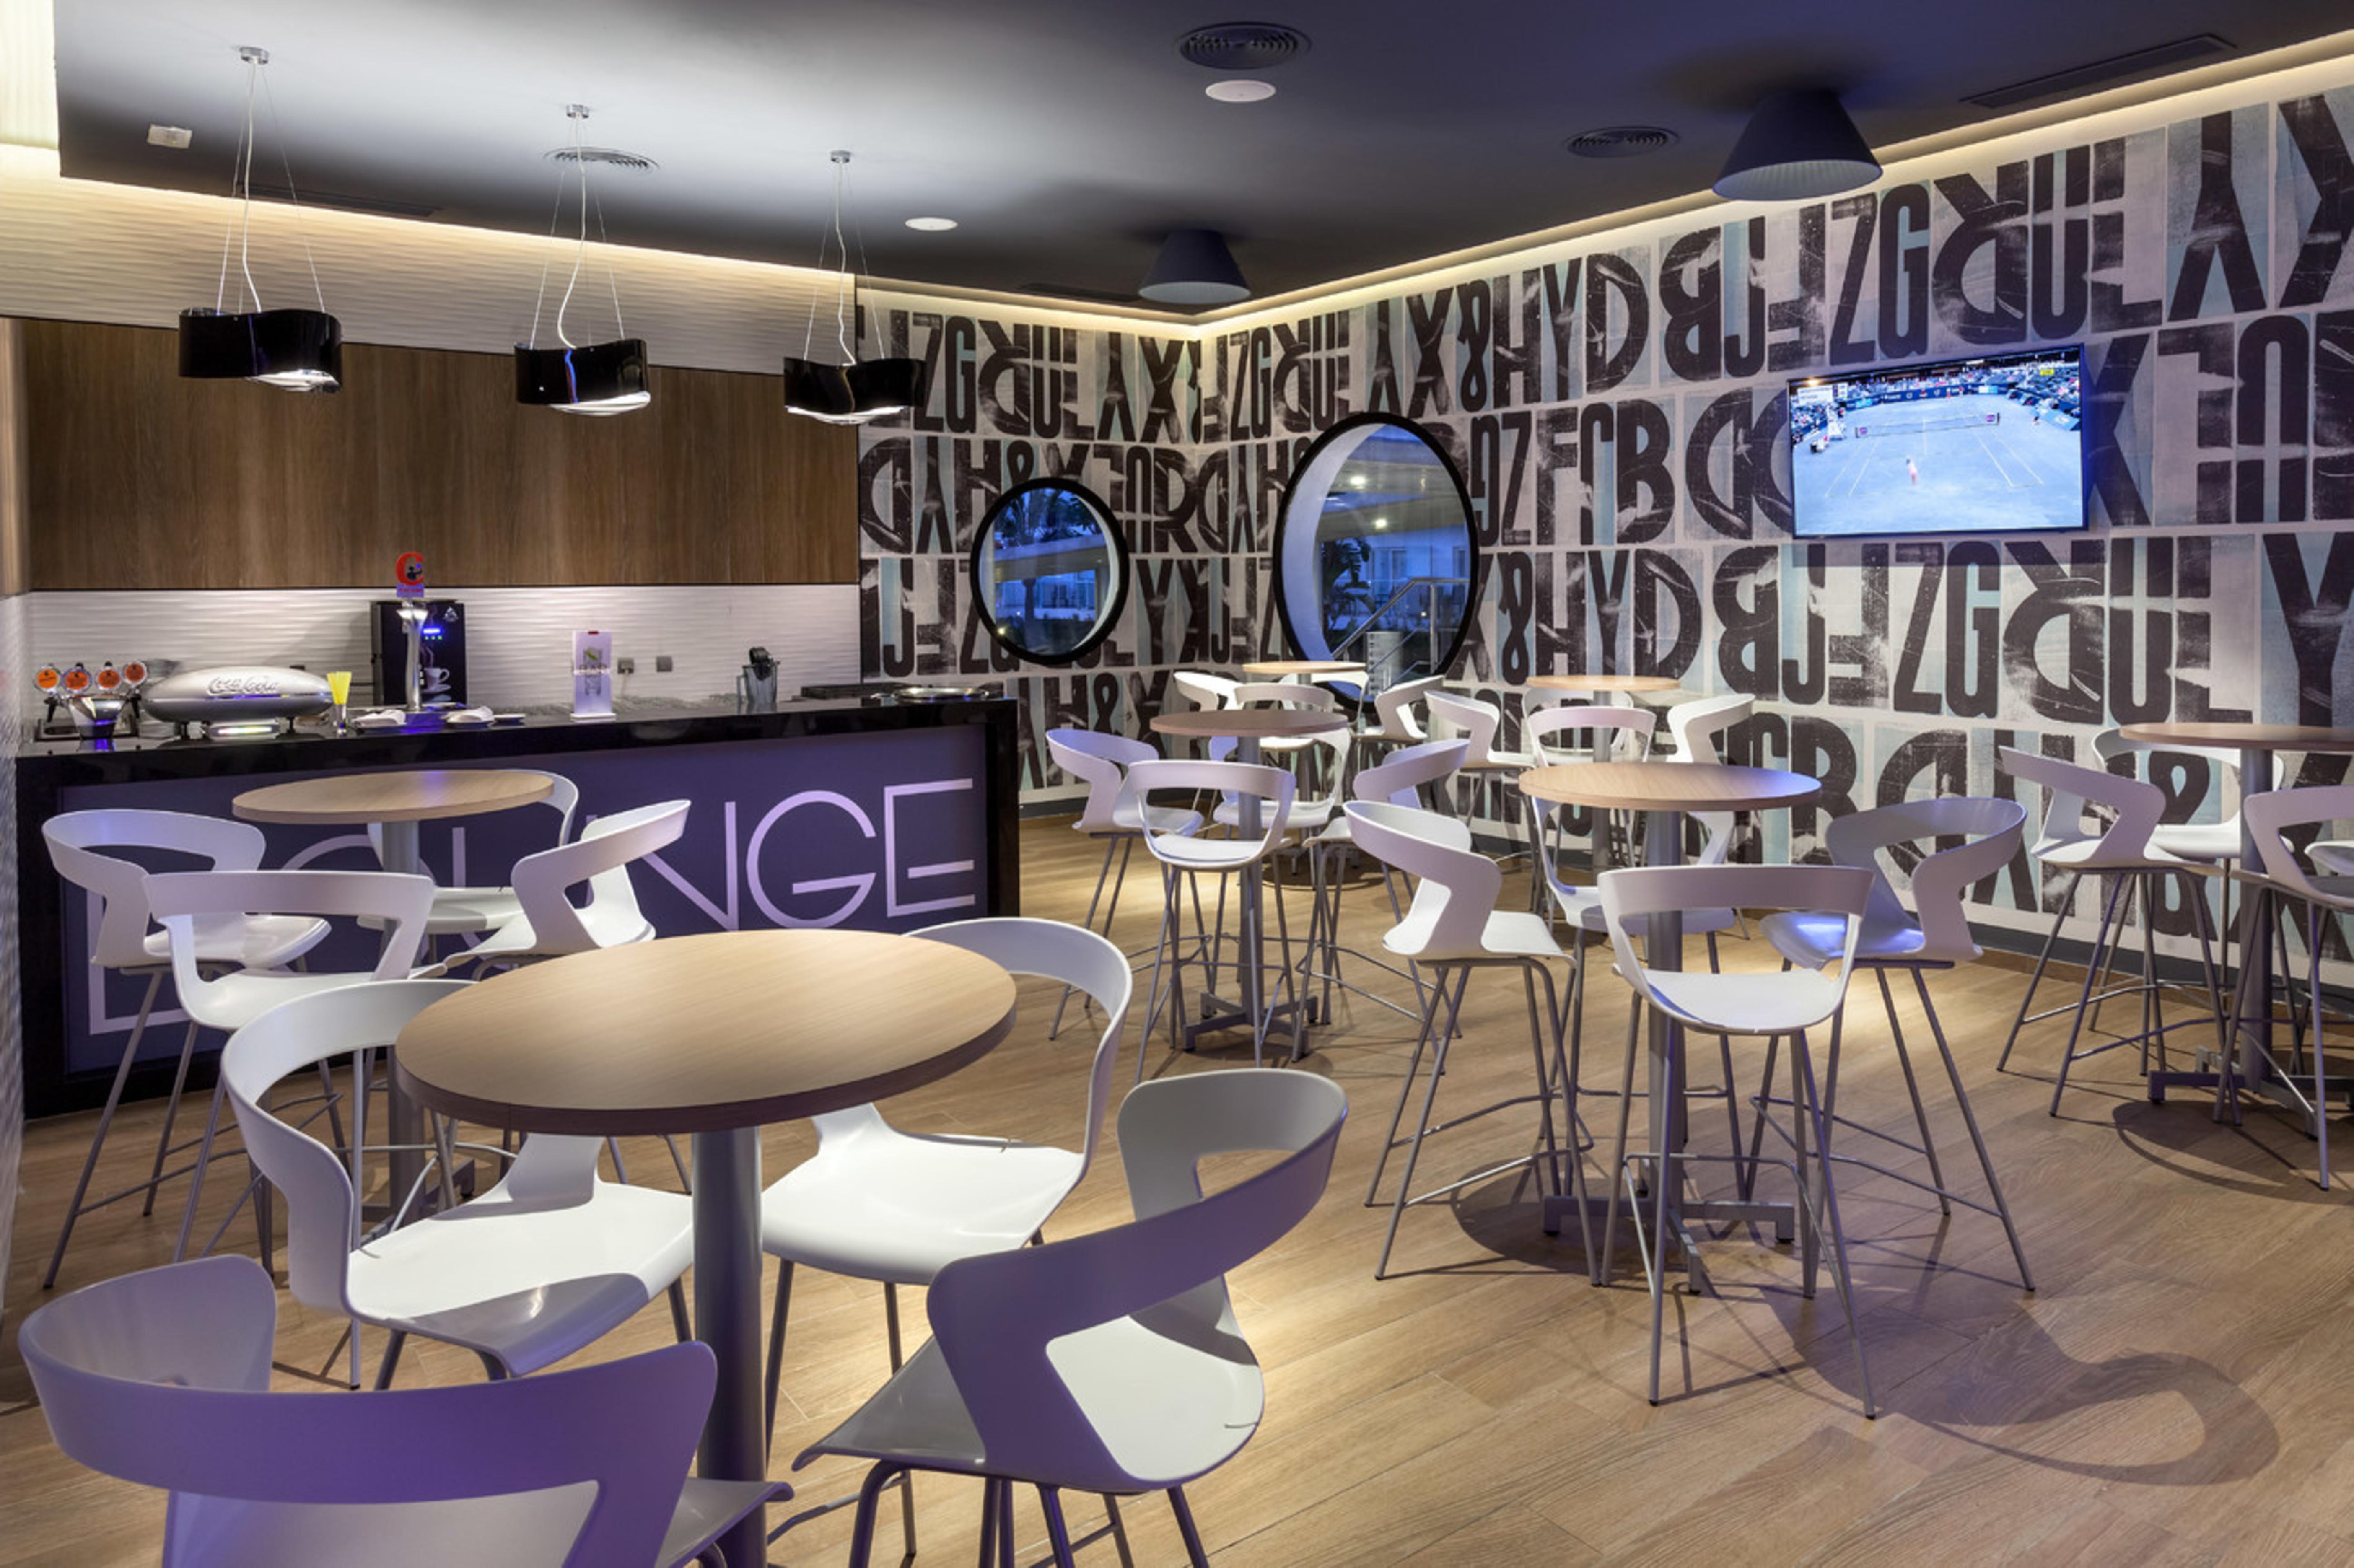 Lerne das neue ClubHotel Riu Costa del Sol mit der ganzen Familie ...